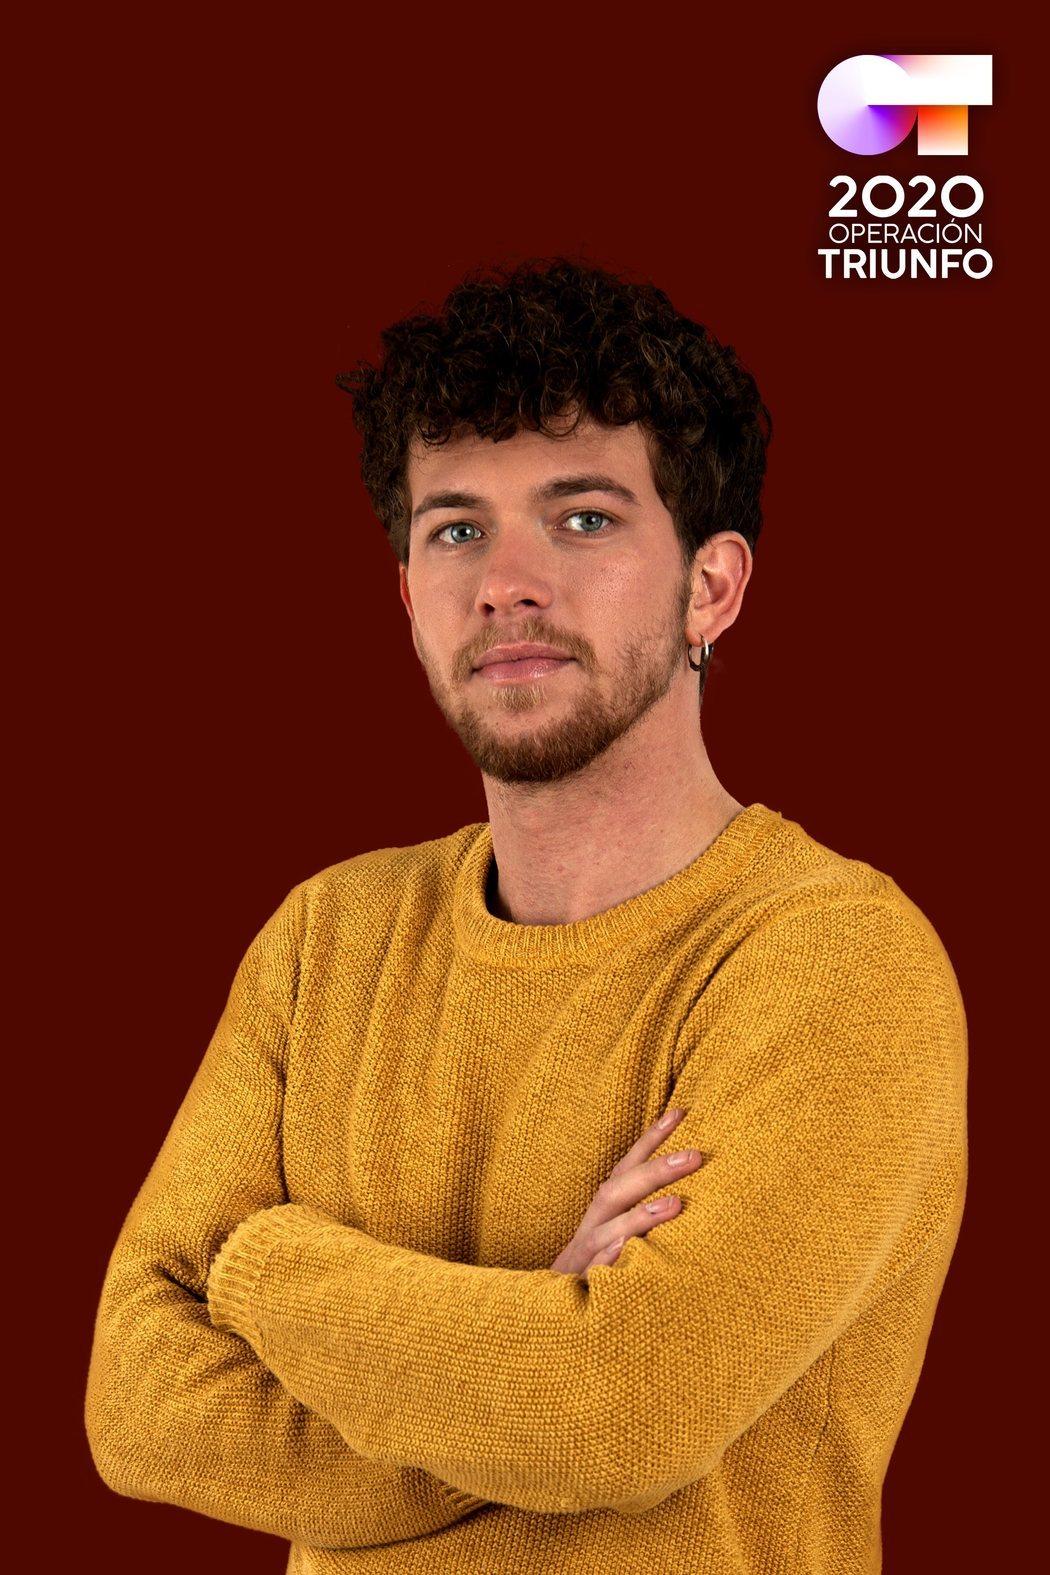 Jesús Rendón, concursante de 'OT 2020'